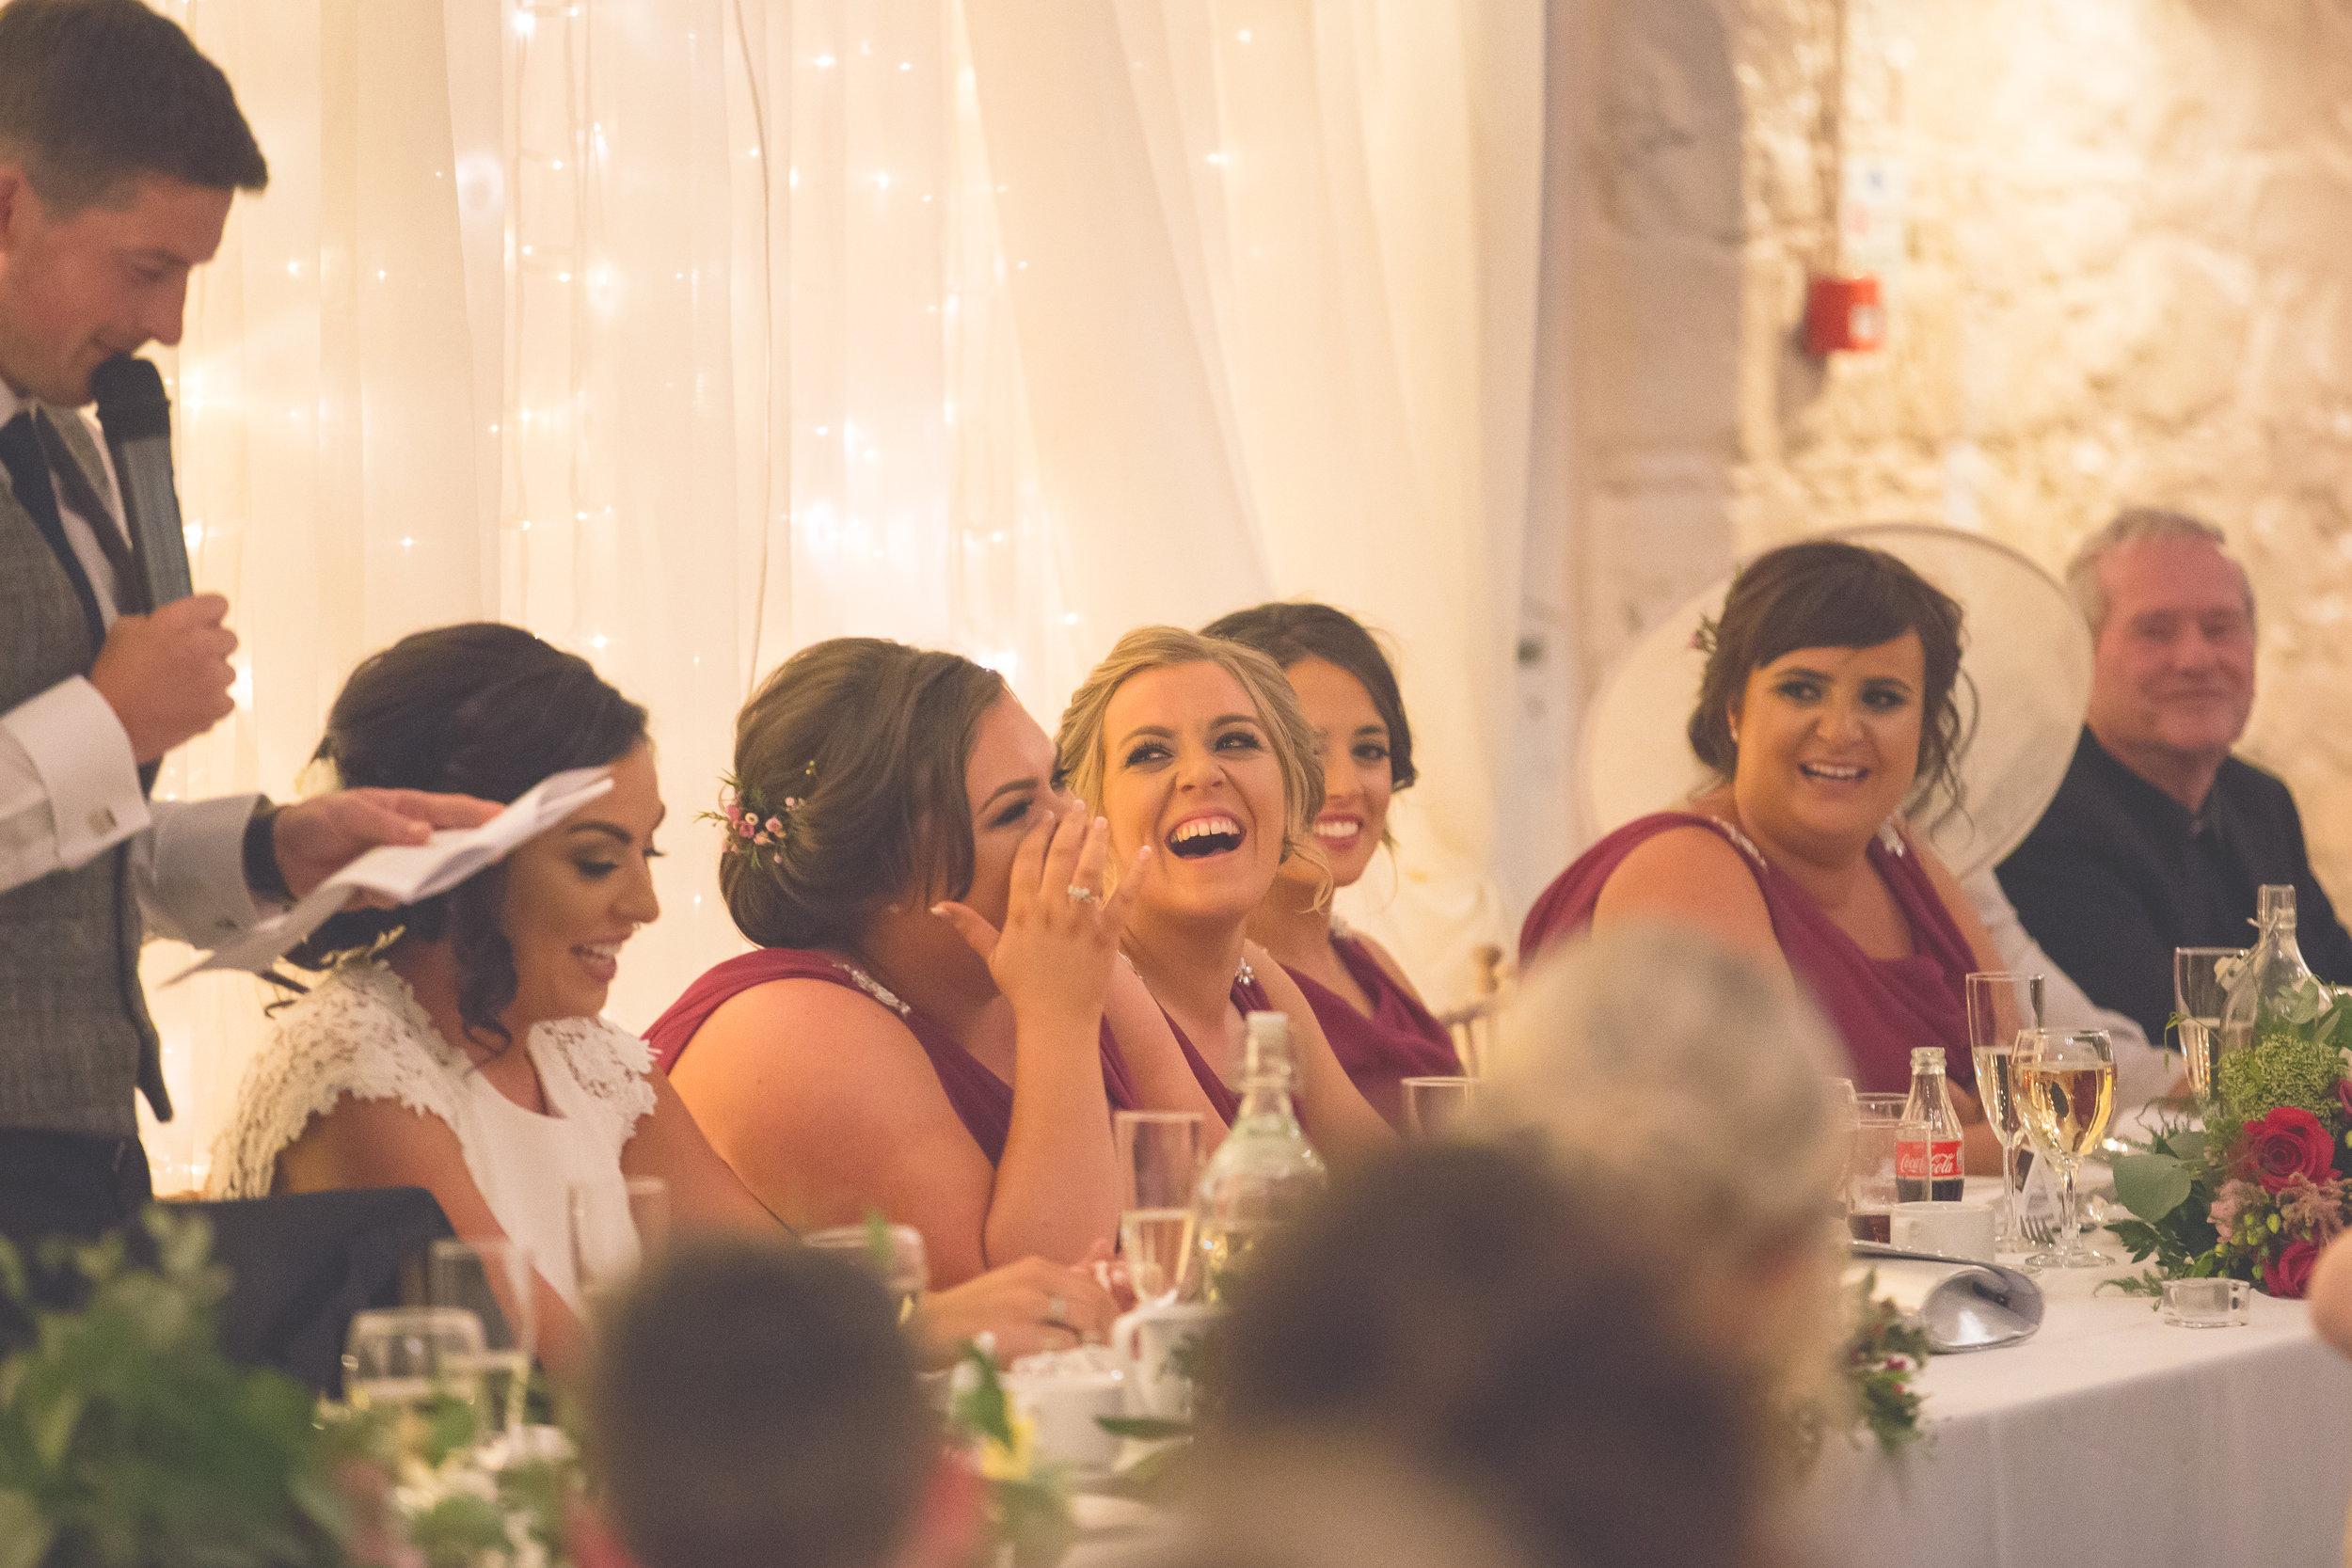 Brian McEwan Wedding Photography | Carol-Anne & Sean | The Speeches-79.jpg